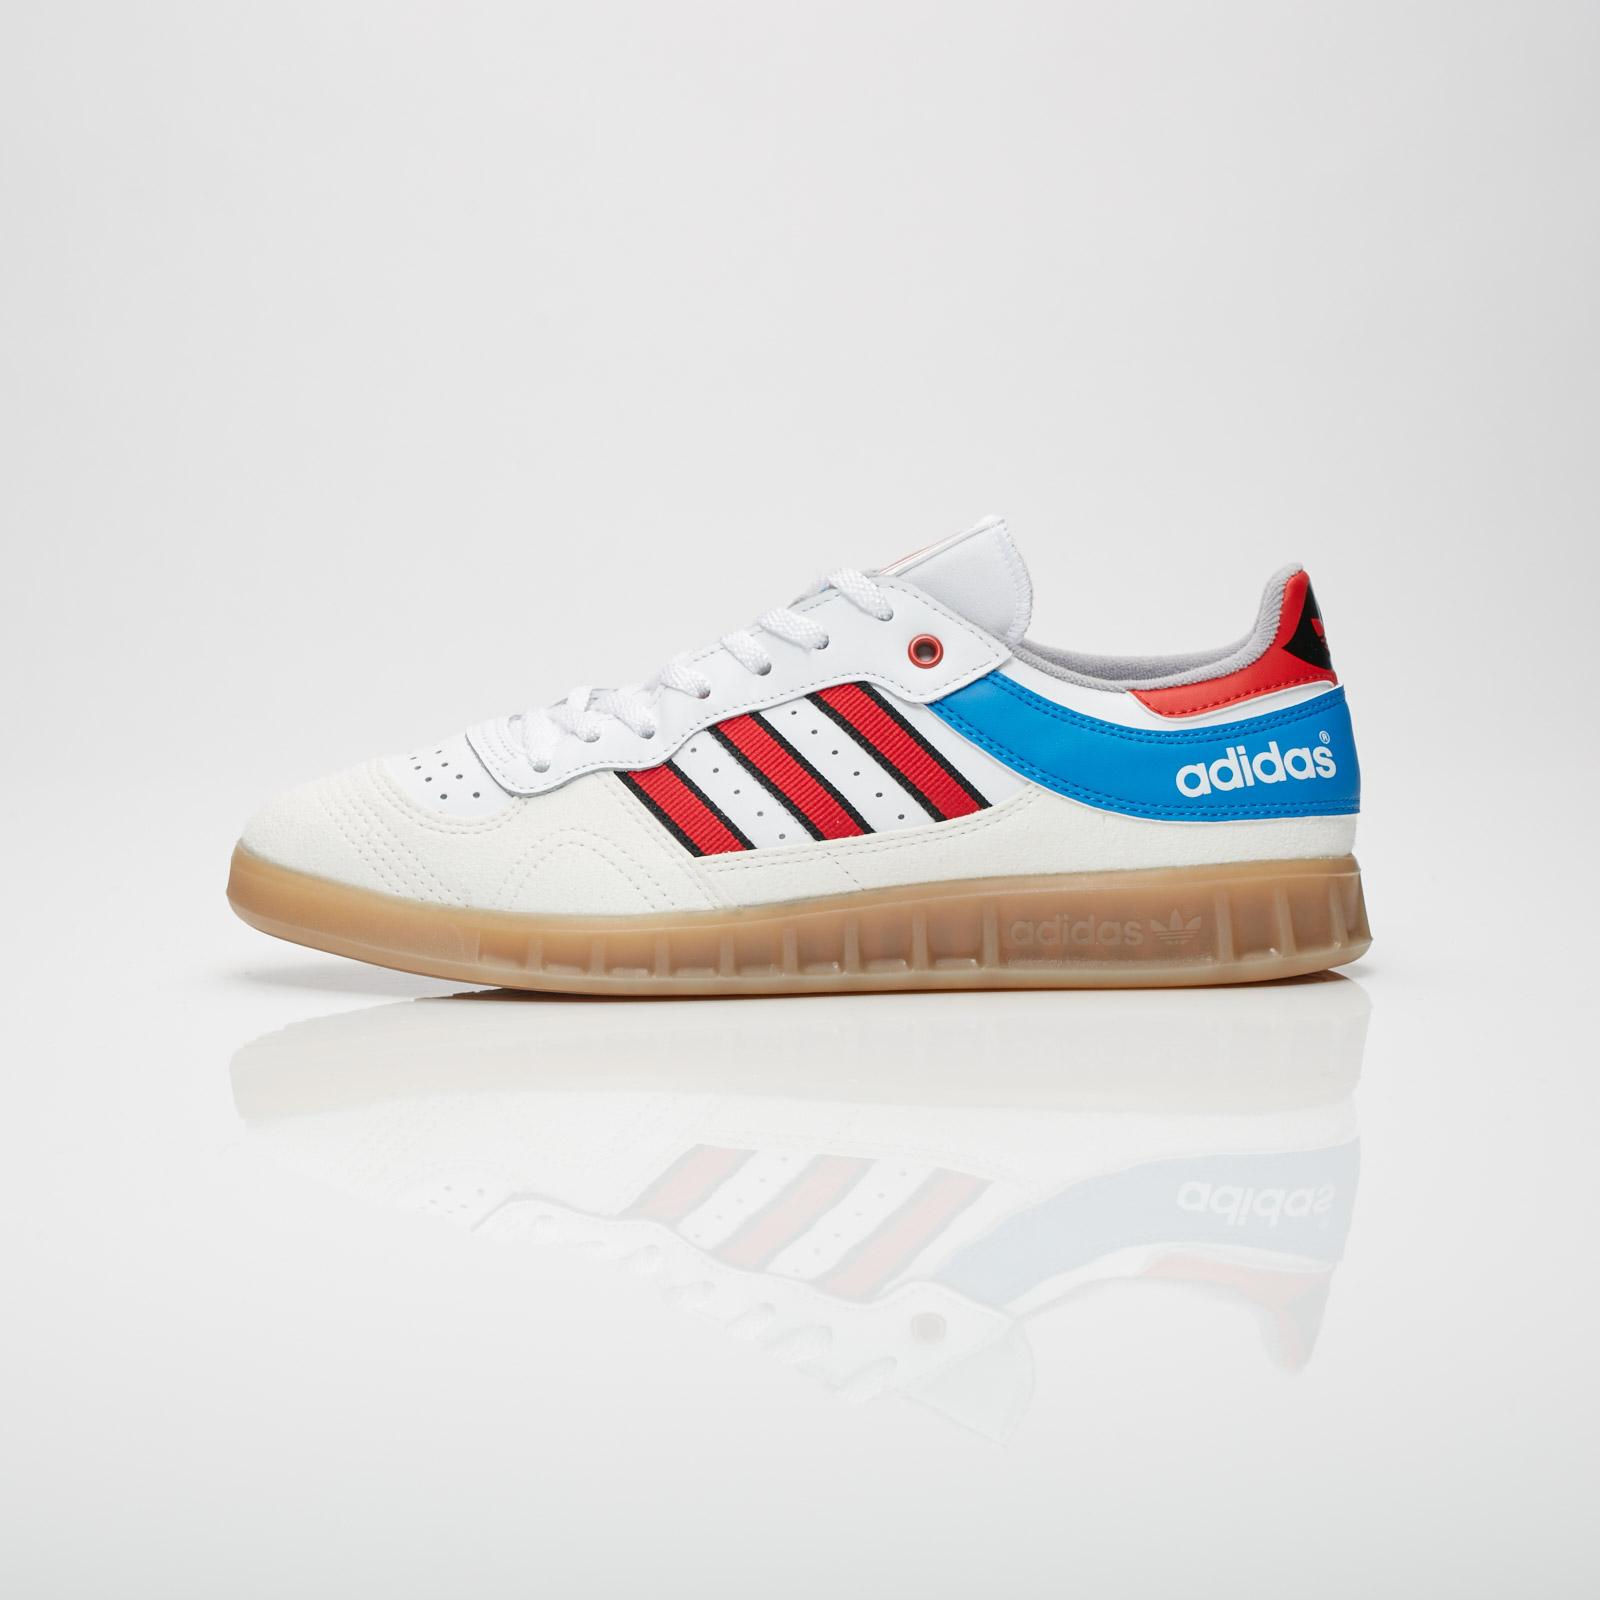 online store 5035d e5d5c adidas Handball Top - By9535 - Sneakersnstuff   sneakers   streetwear  online since 1999